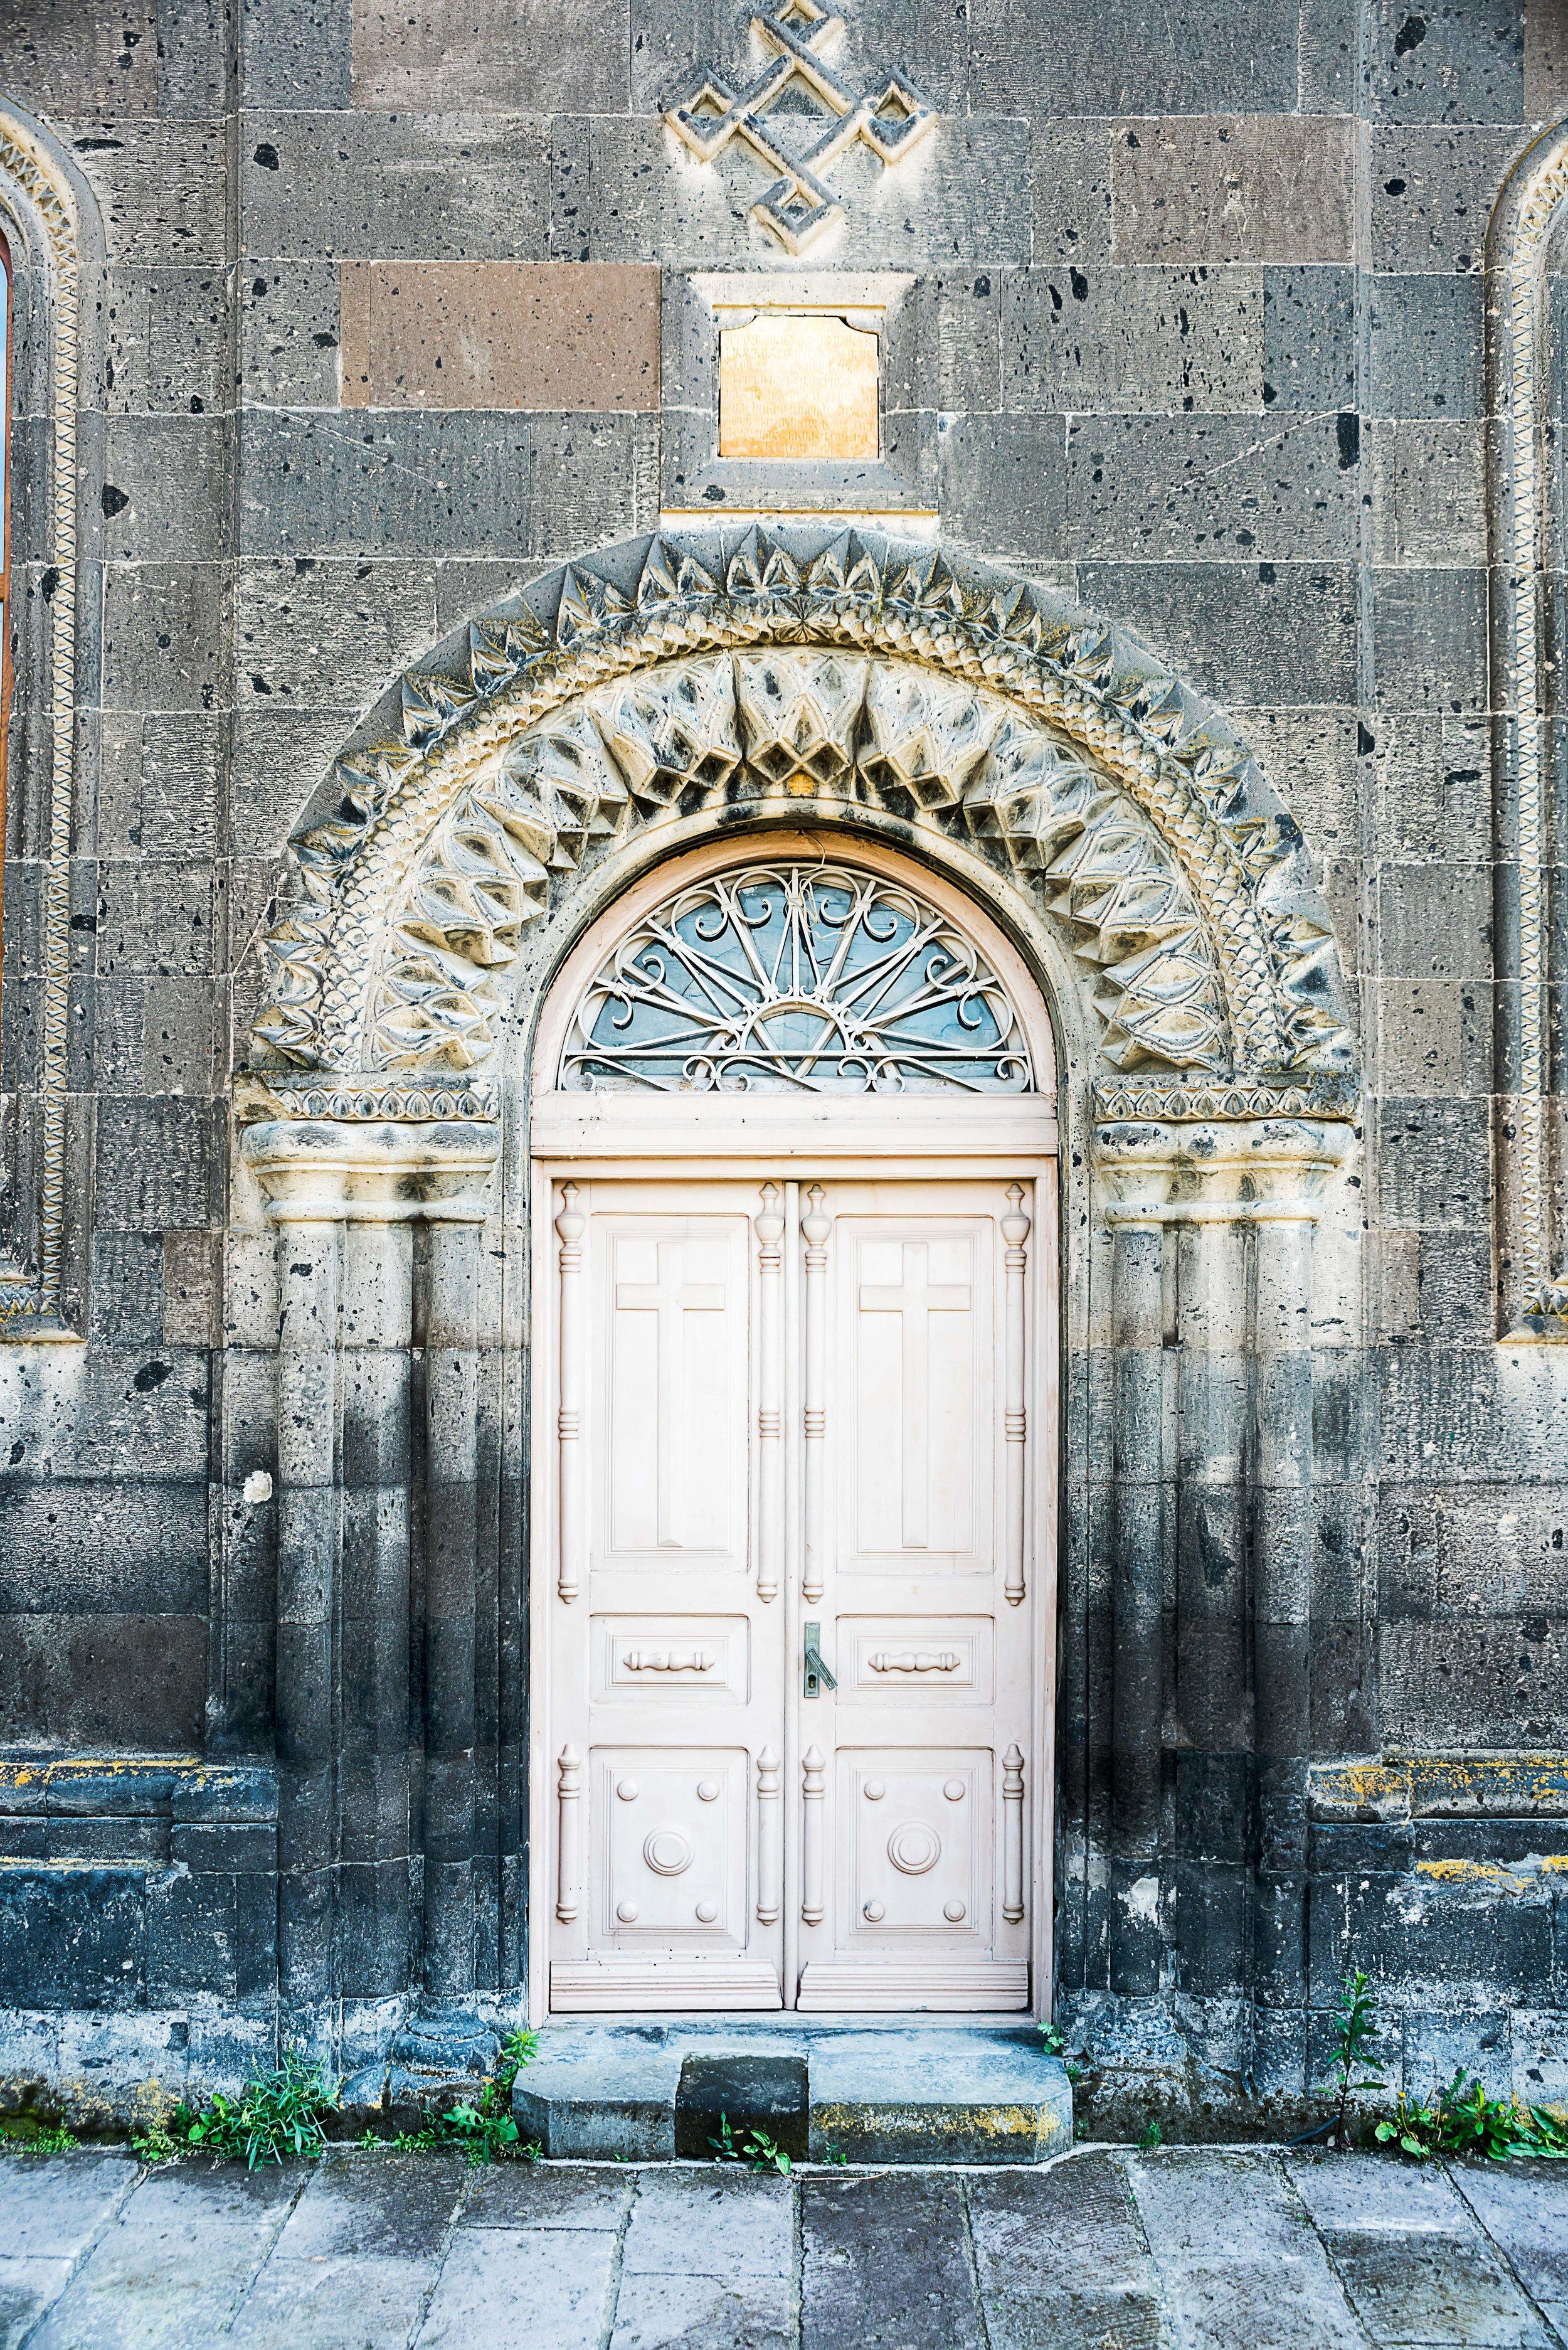 Surb Nishan Church